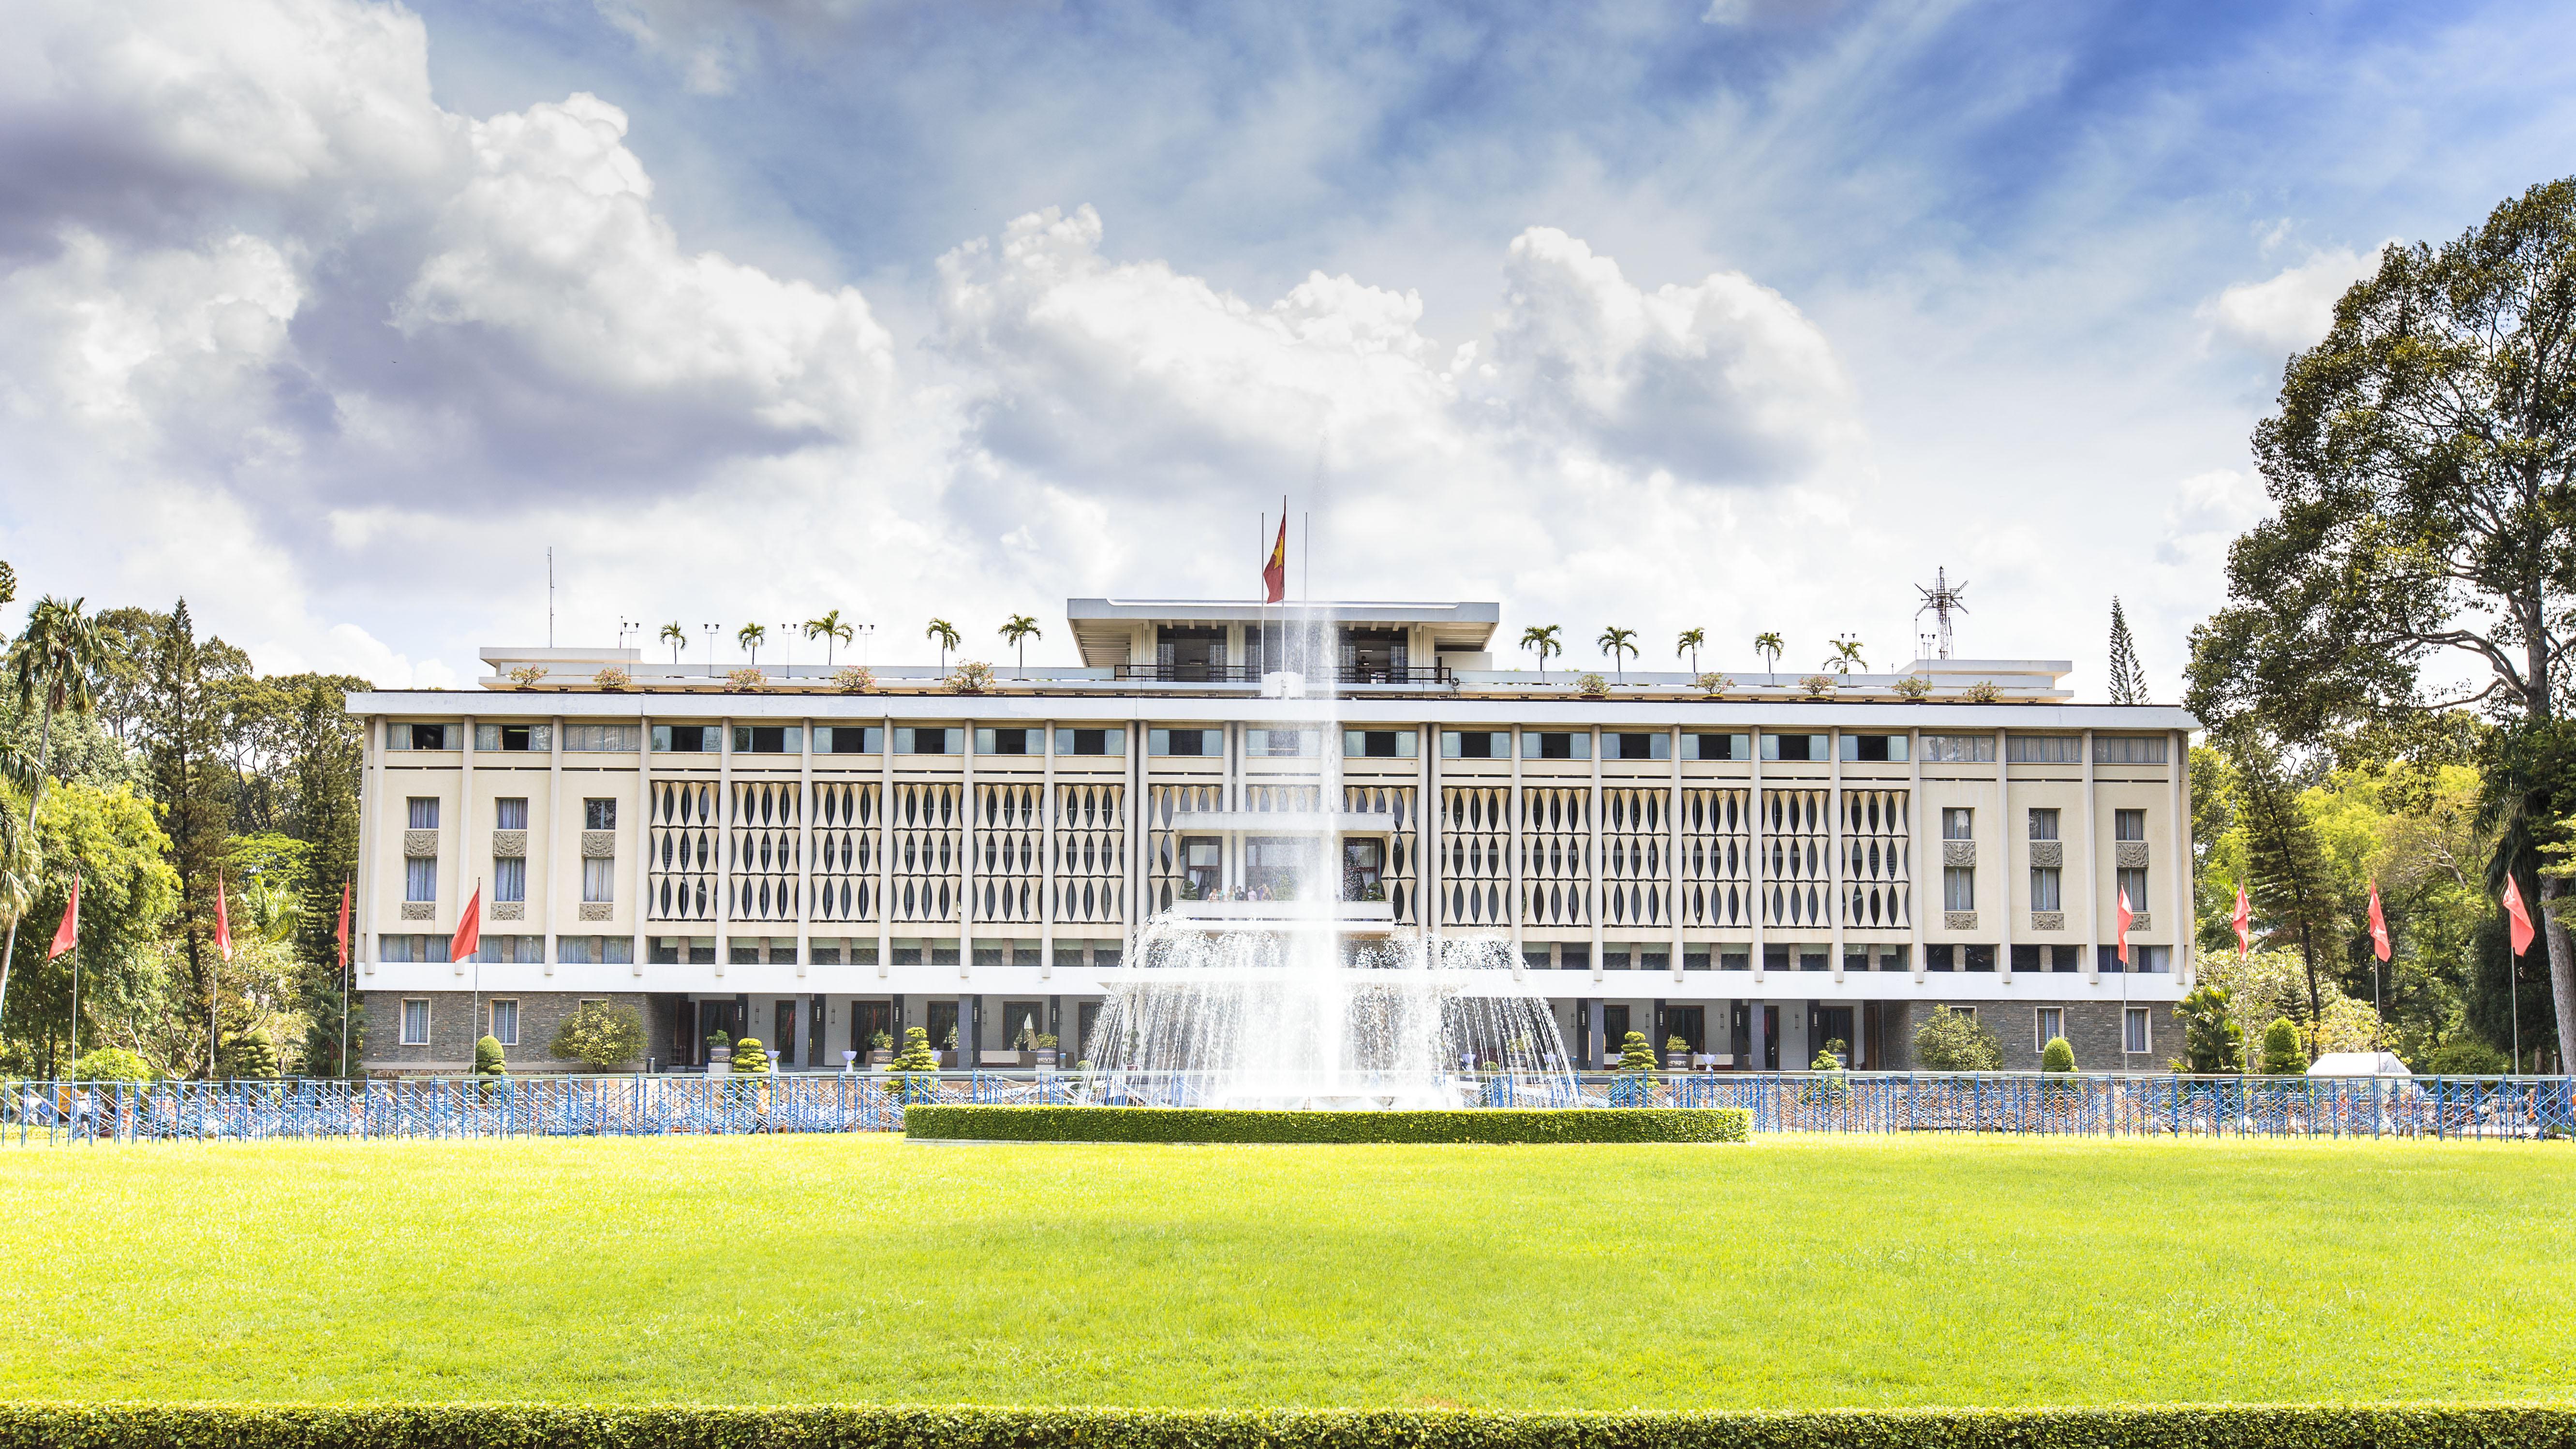 統一会堂(旧大統領官邸) 南ベトナム政権時代の大統領府兼官邸であり、べトナム戦争の終結の地となったホーチミンのシンボル。